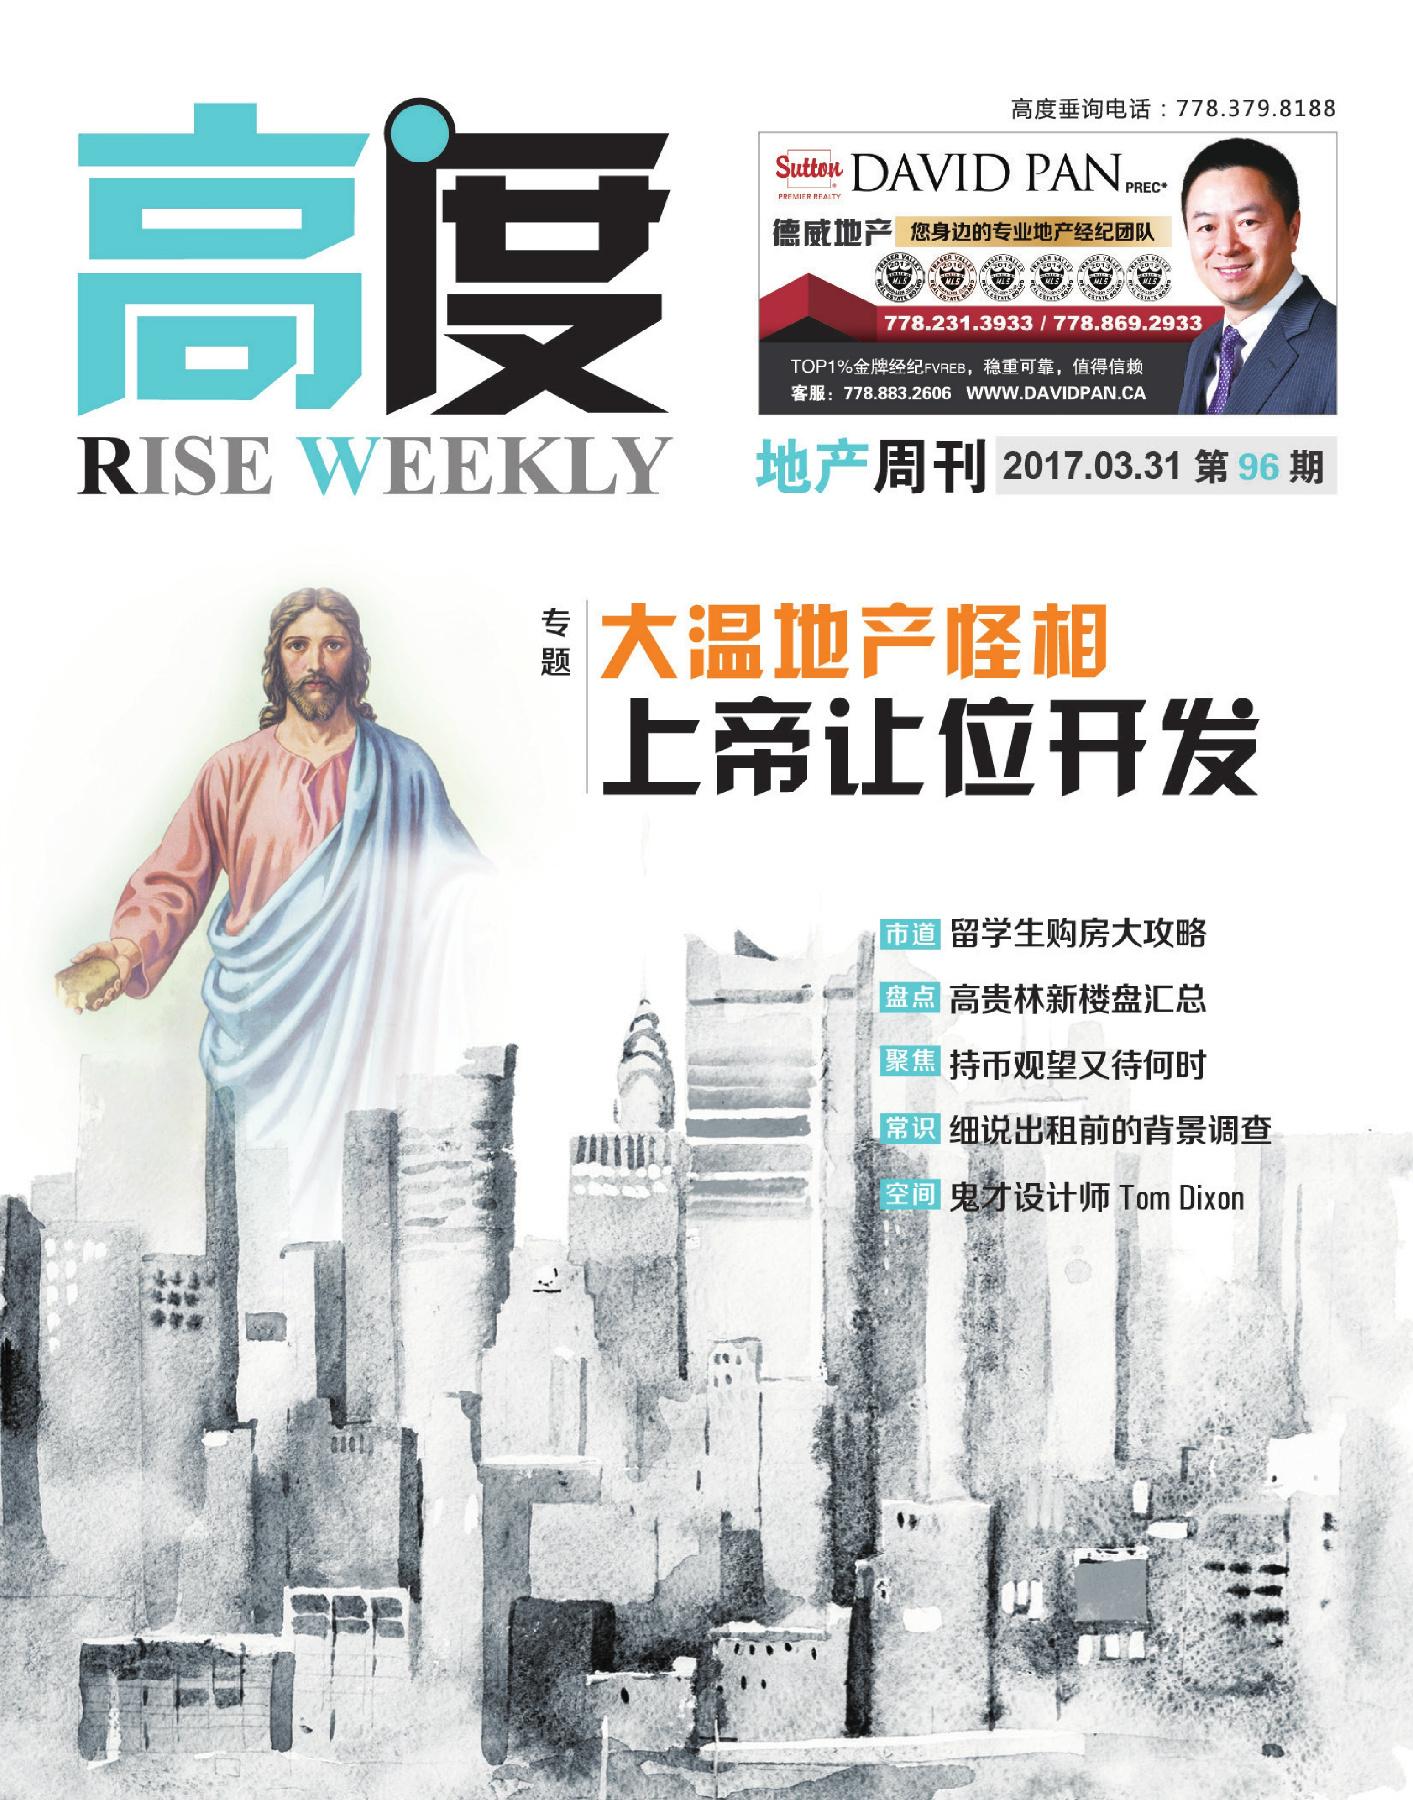 高度地产周刊 2017年03月31日 第96期